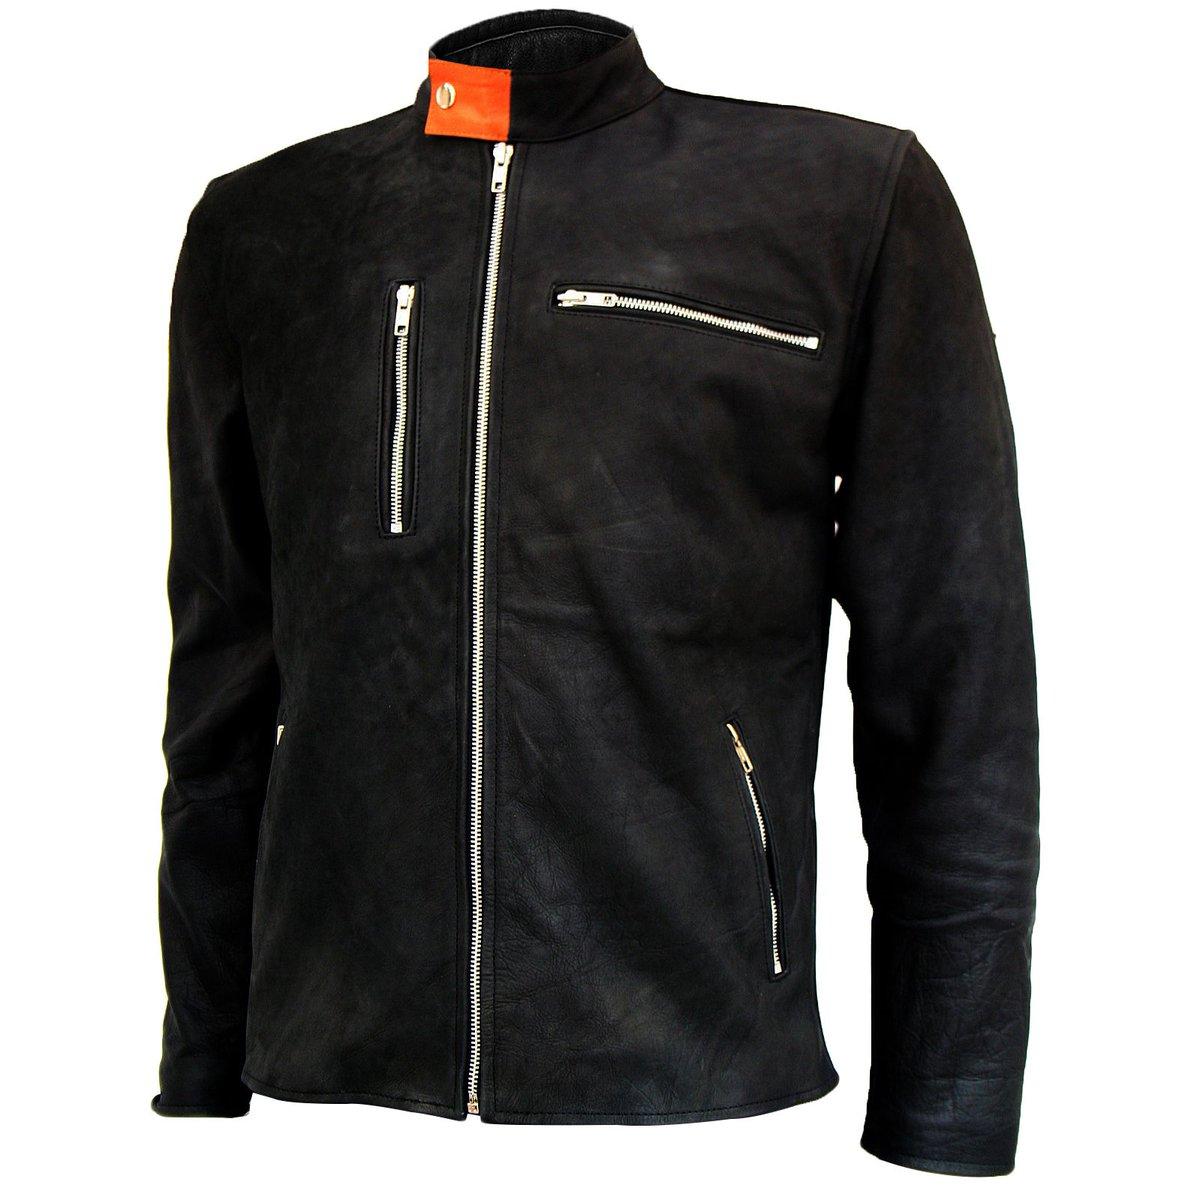 Classic Nubuck Black Men's Vintage Leather Jacket http://ow.ly/6RJn308n9cb #leatherjacket #blackmenjacket #vintagejacketpic.twitter.com/CzLxvLxCUI